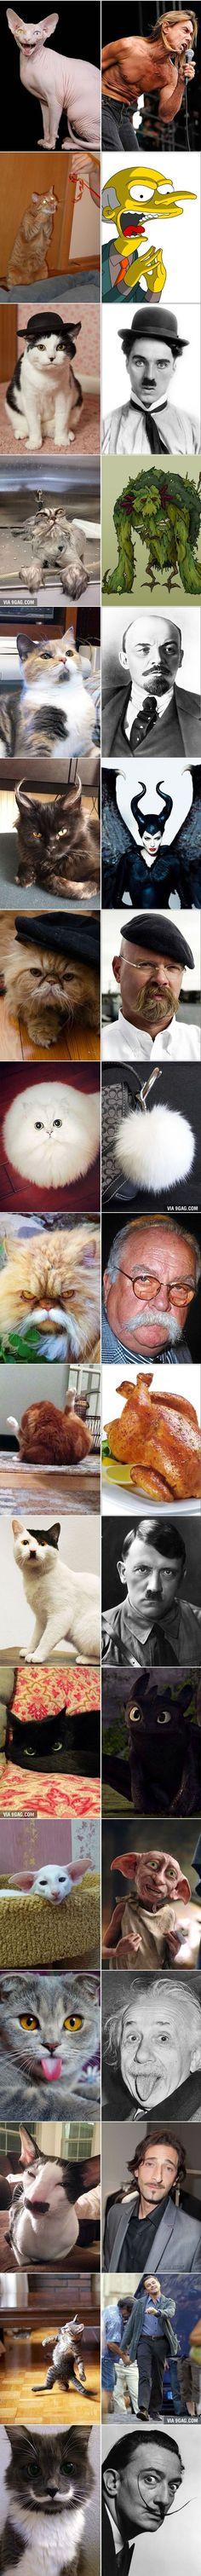 Bei diesen 18 Katzen muss man genau hinsehen, denn hier besteht Verwechslungsgefahr!